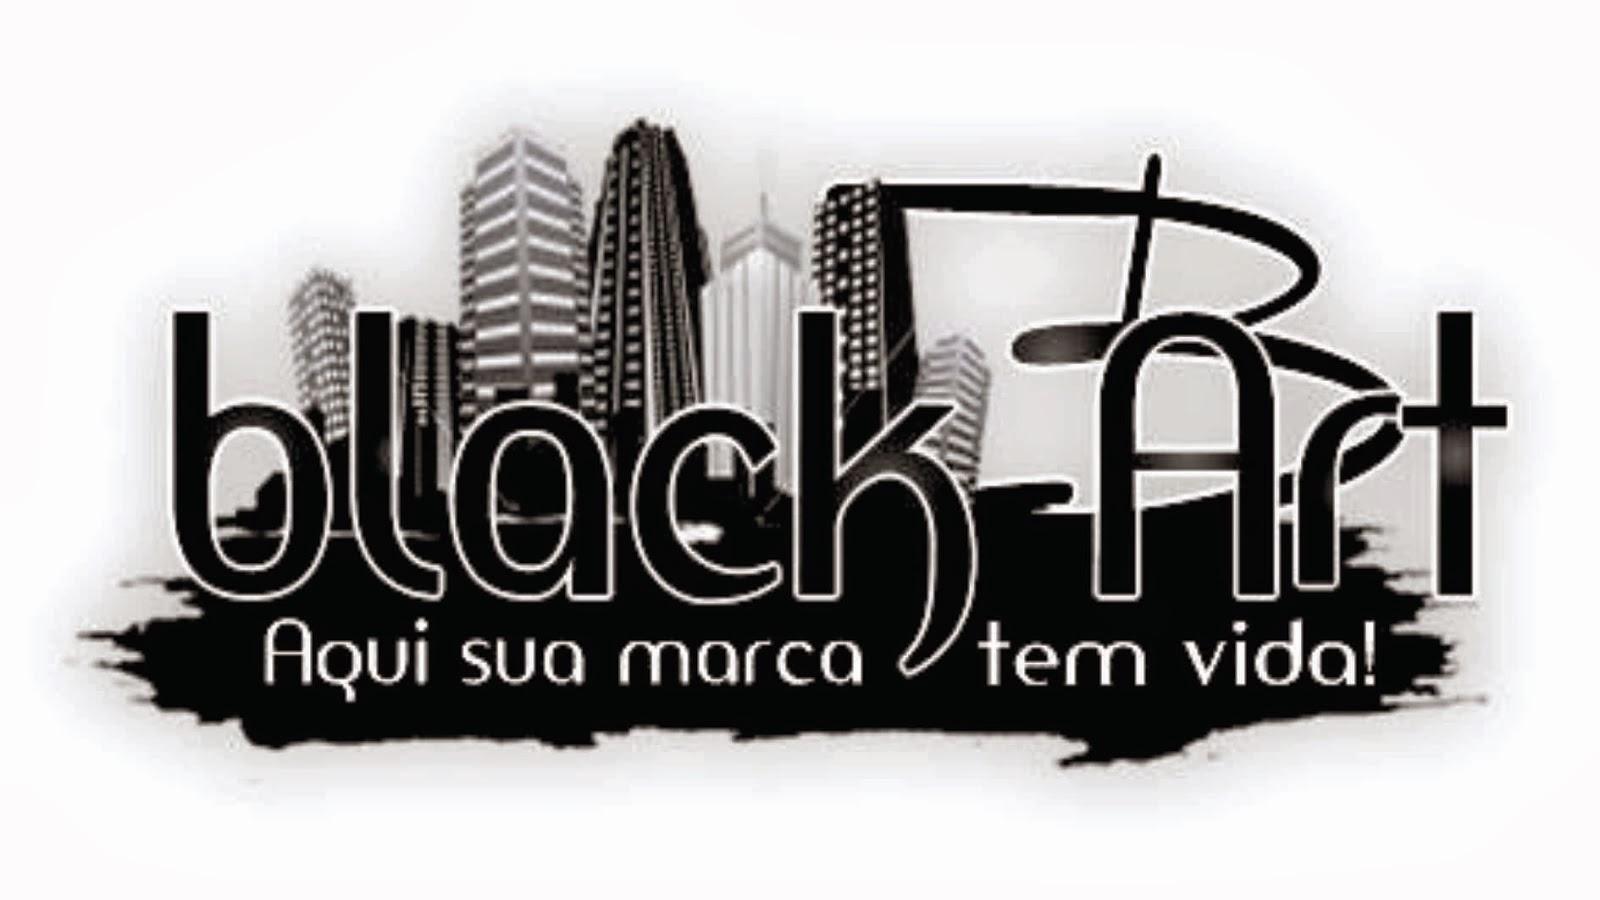 DESIGNER BLACK ART'S